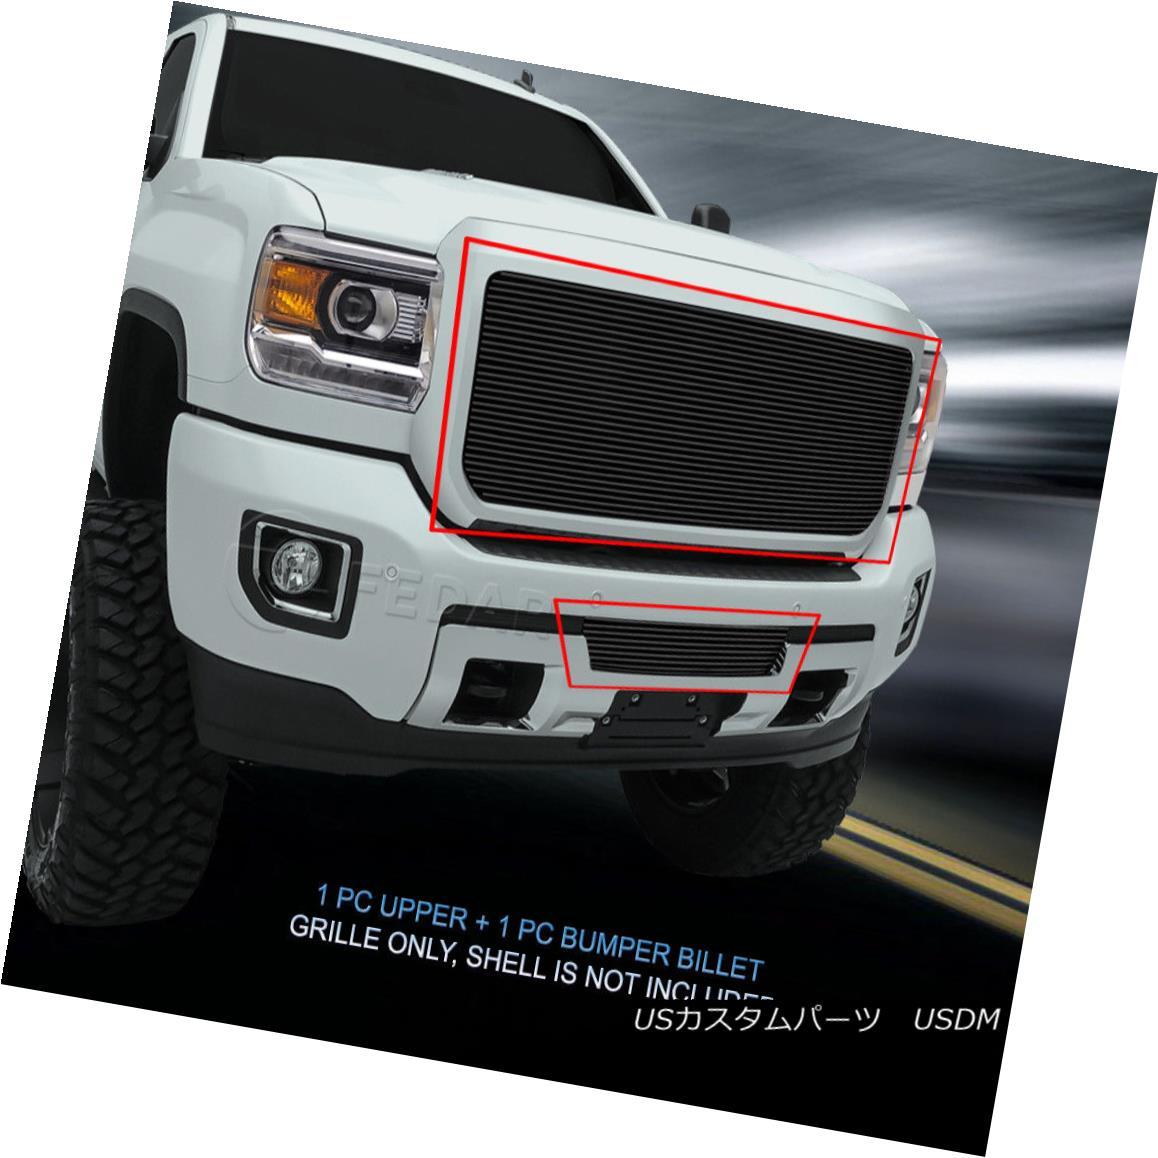 グリル Fedar Fits 2015-2017 GMC Sierra 2500HD/3500HD Black Billet Grille Combo Insert Fedarフィット2015-2017 GMC Sierra 2500HD / 3500HDブラックビレットグリルコンボインサート